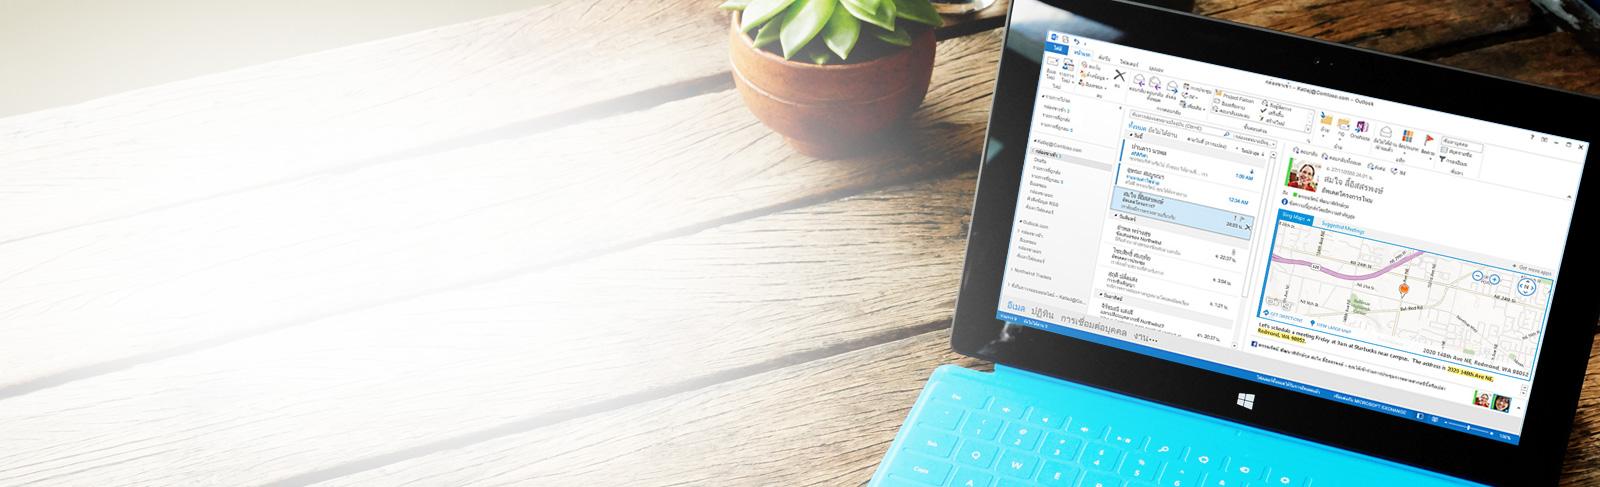 แท็บเล็ตที่แสดงกล่องขาเข้า Microsoft Outlook 2013 พร้อมรายการข้อความและการแสดงตัวอย่าง